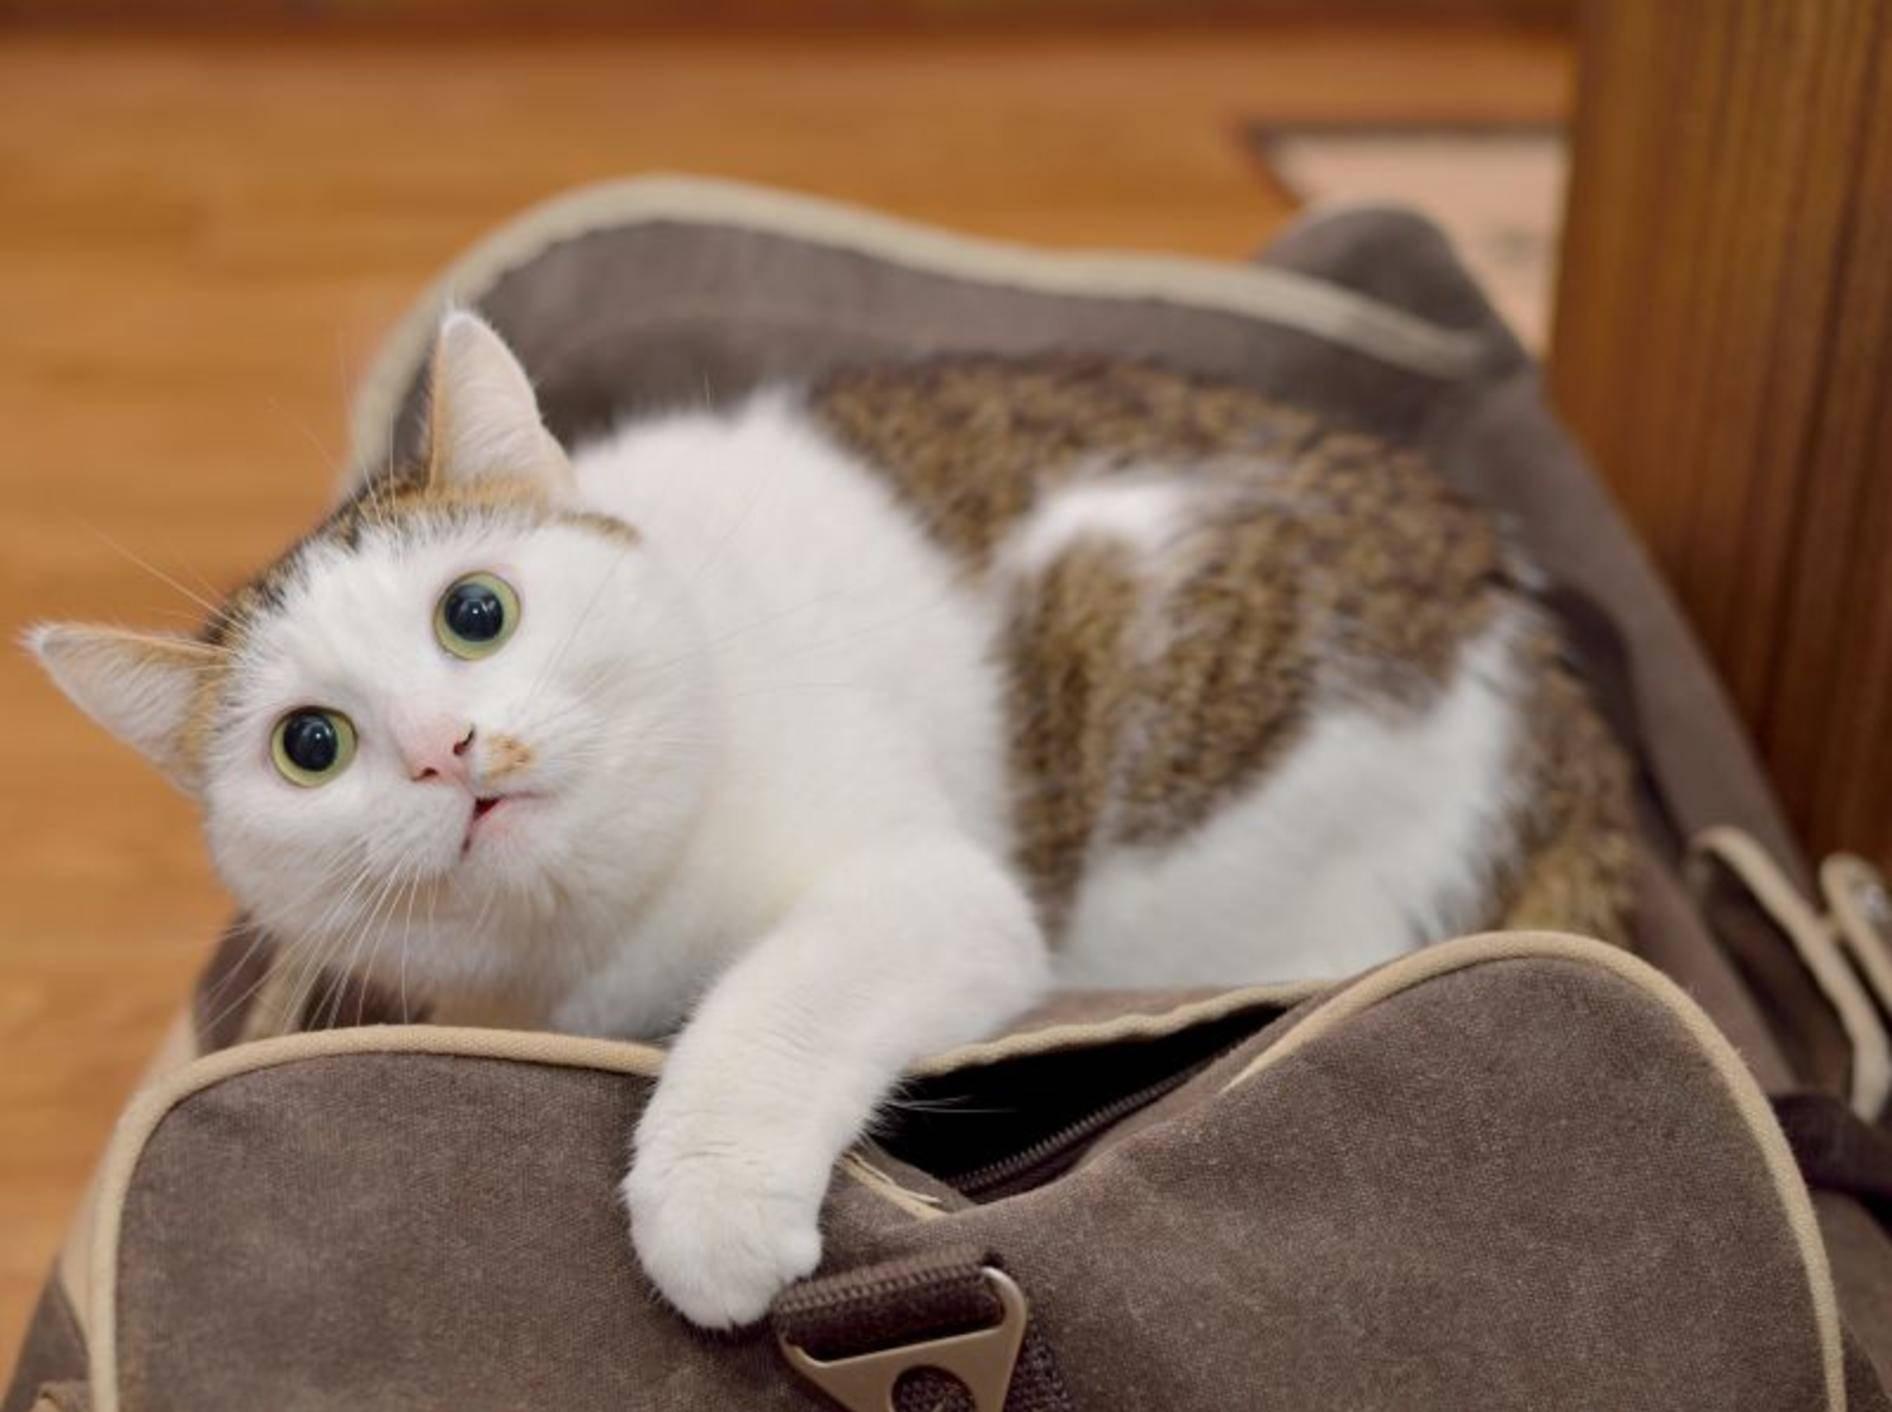 Urlaub mit oder ohne Katze? Eine schwierige Frage – Bild: Shutterstock / Nadinelle